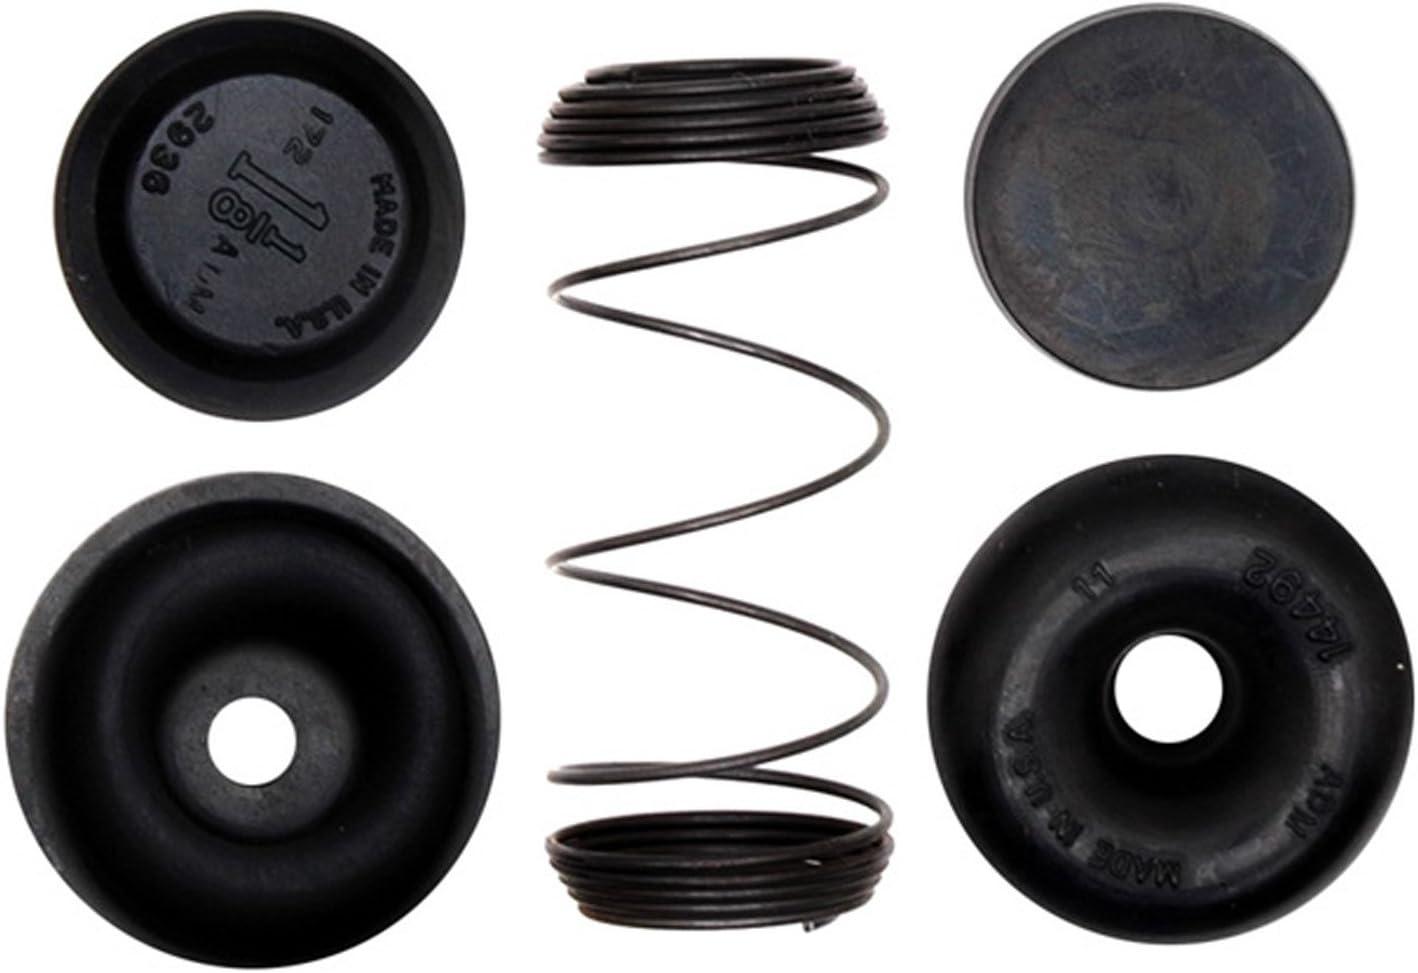 Kit de reparación de cilindro de freno de tambor trasero profesional con resorte, zapatos y tapas ACDelco 18G5